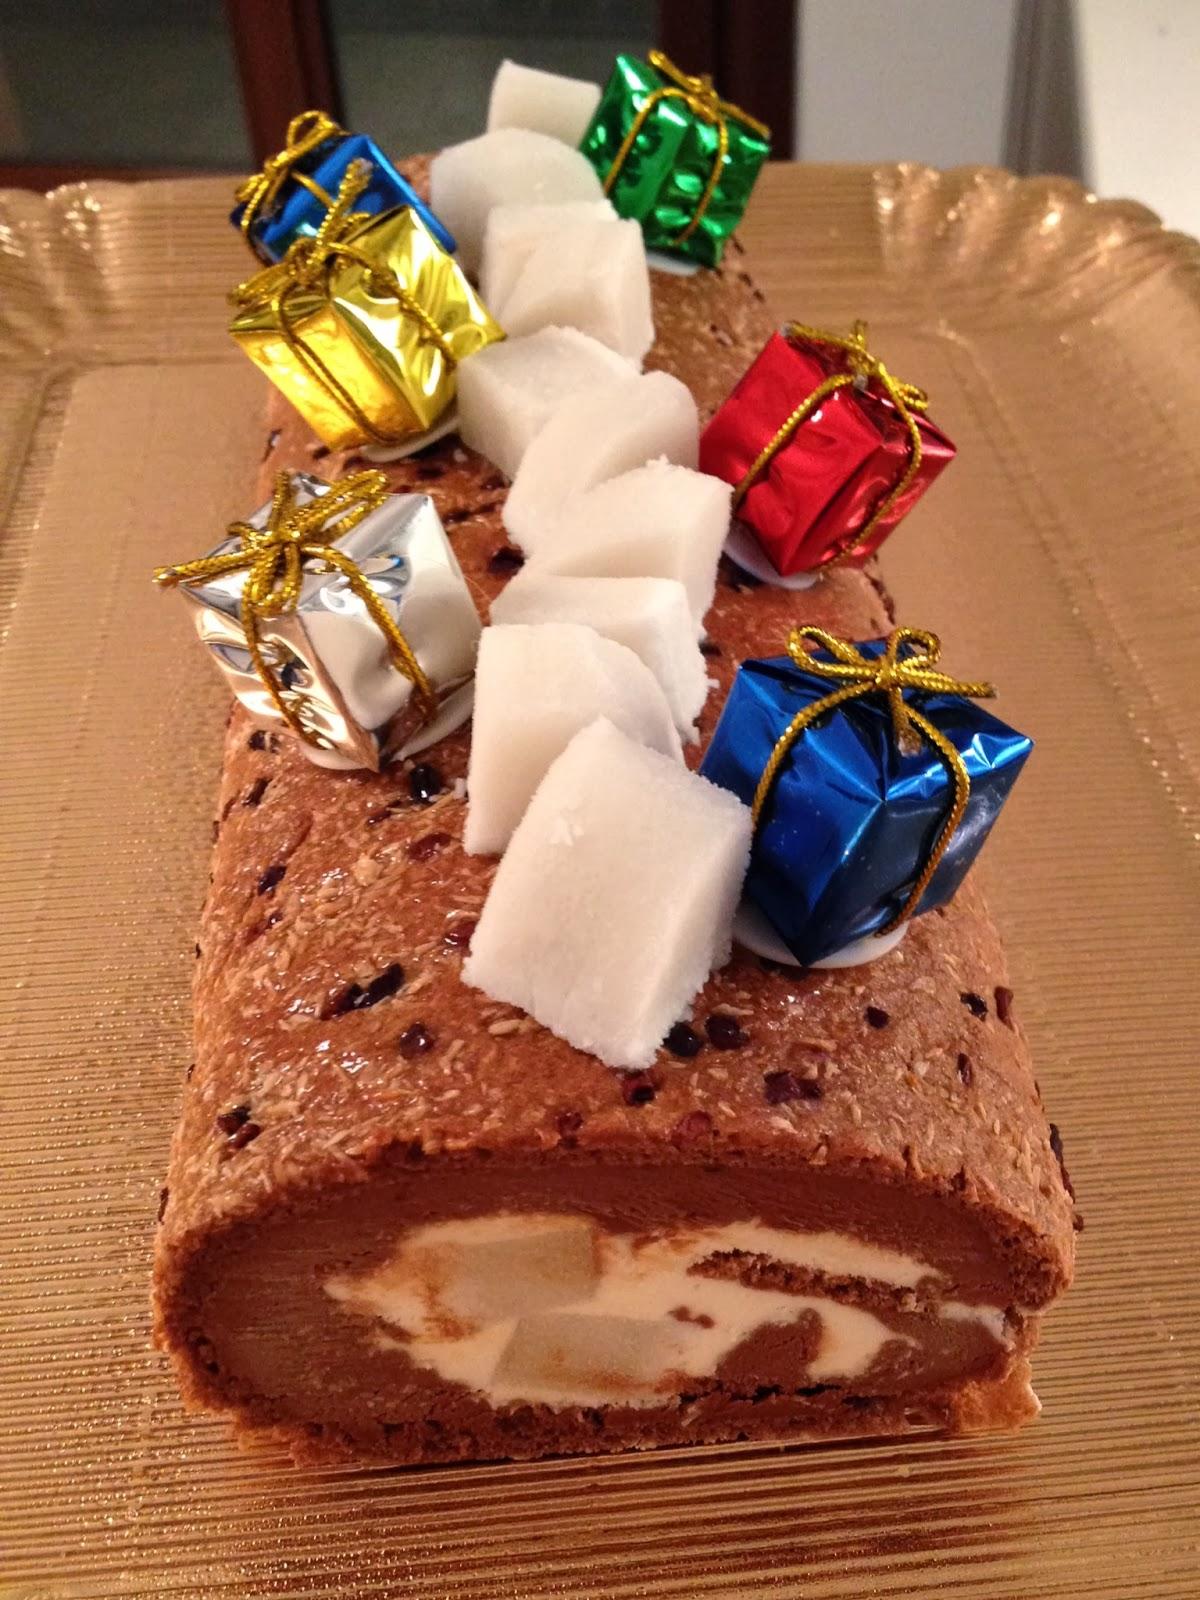 Tronchetto Di Natale Luca Montersino.La Pasticcioneria Tronchetto Chocococco Di Luca Montersino